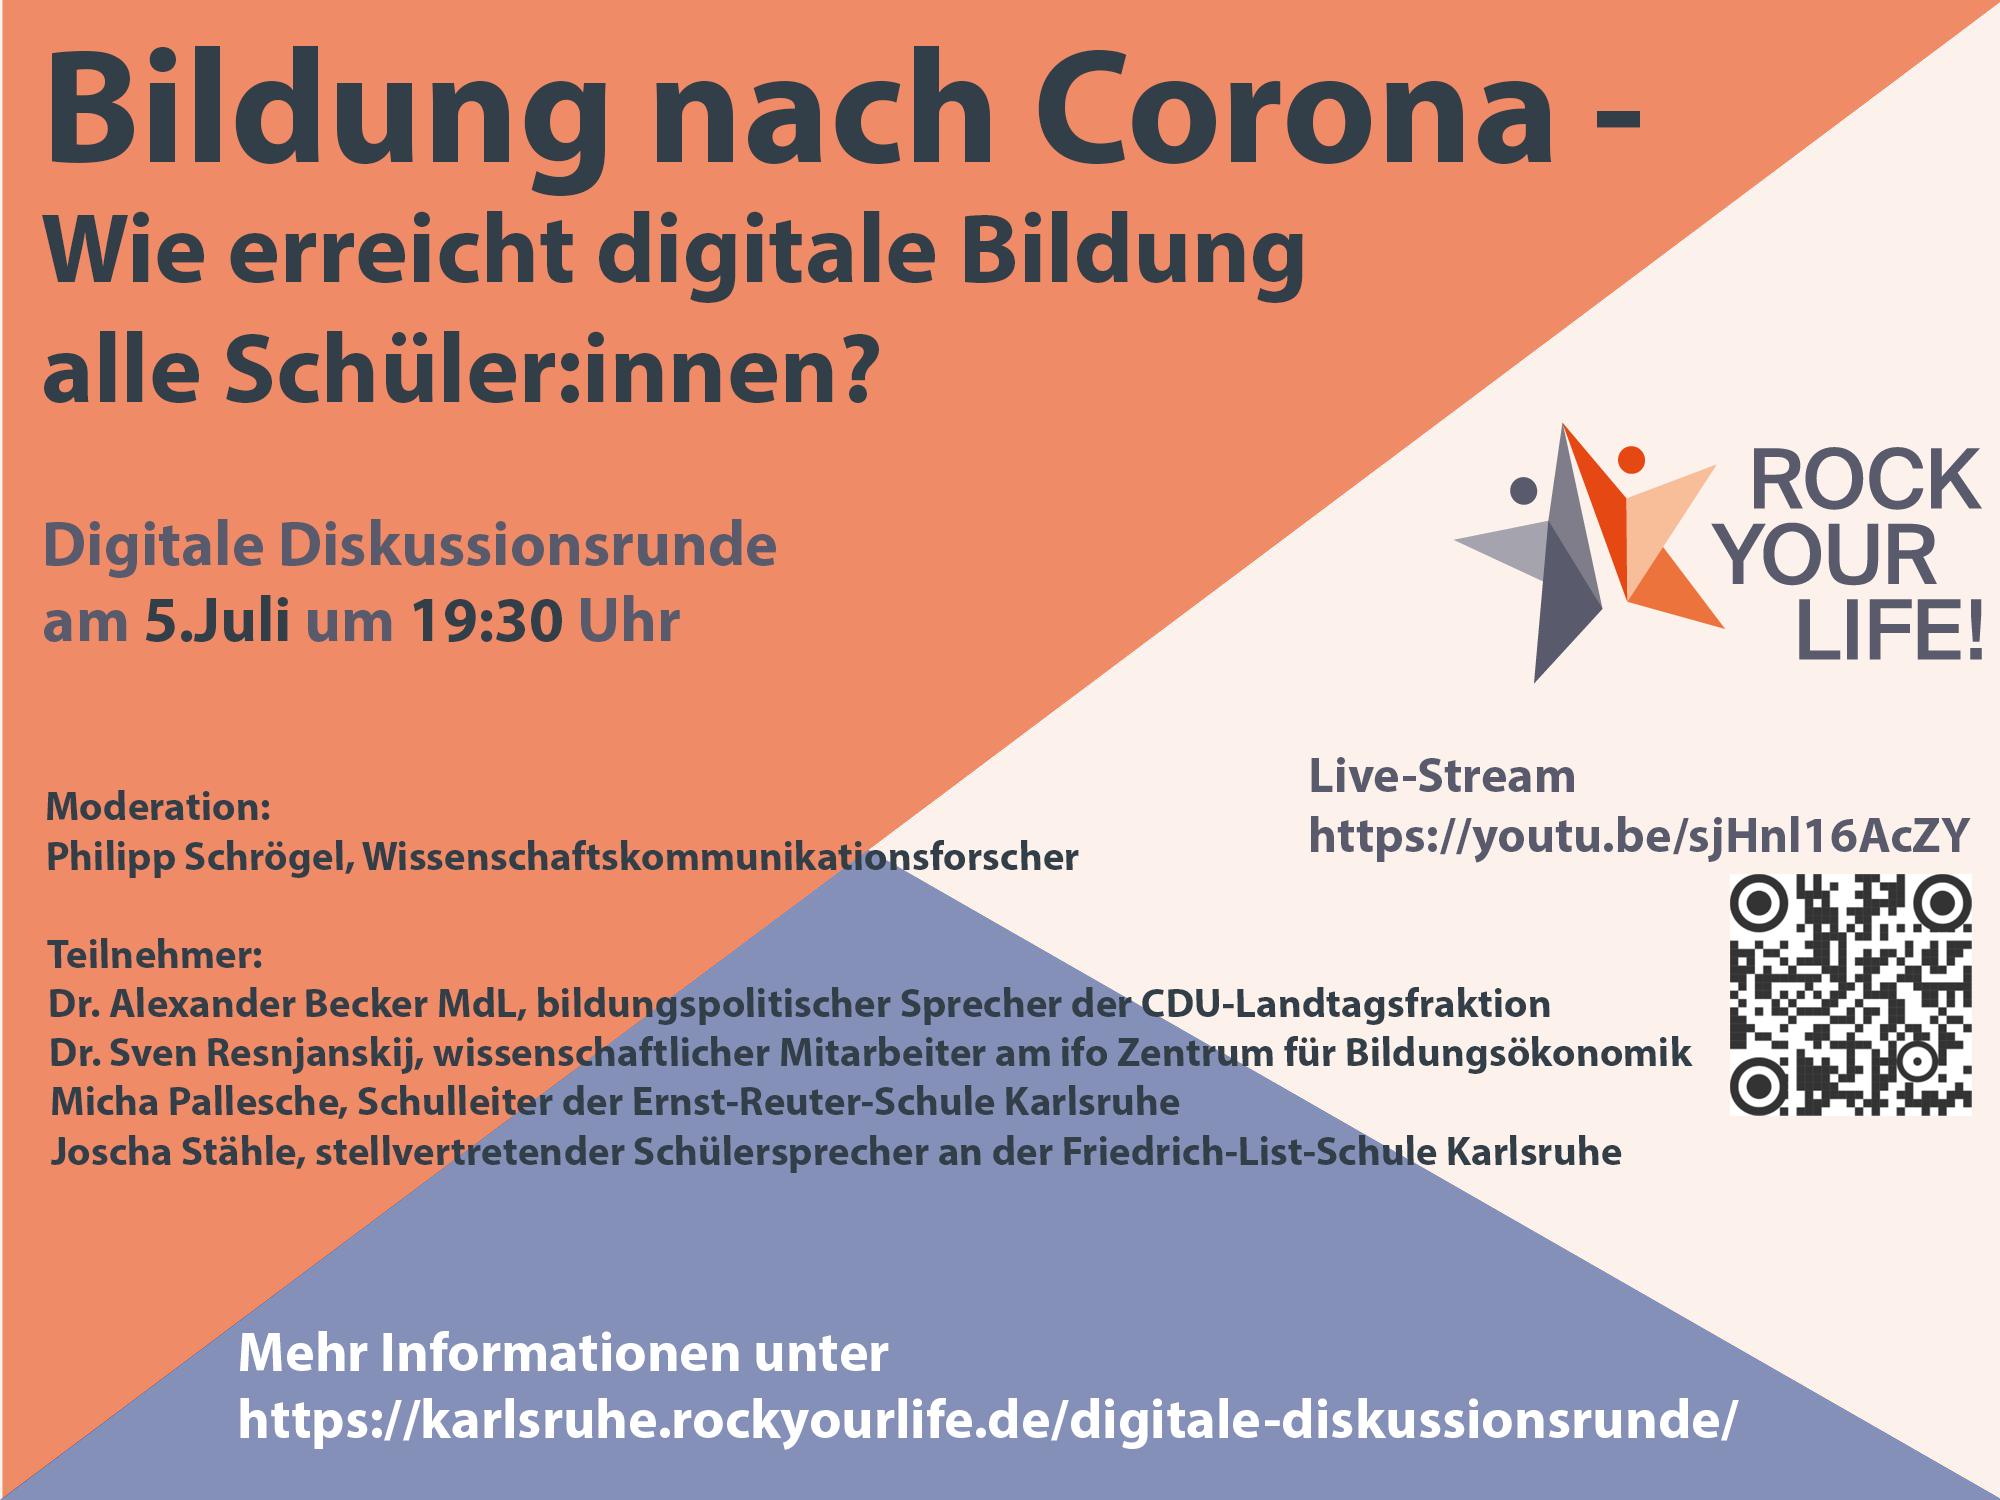 Digitale Diskussionsrunde: Bildung nach Corona – Wie erreicht digitale Bildung alle Schüler:innen?